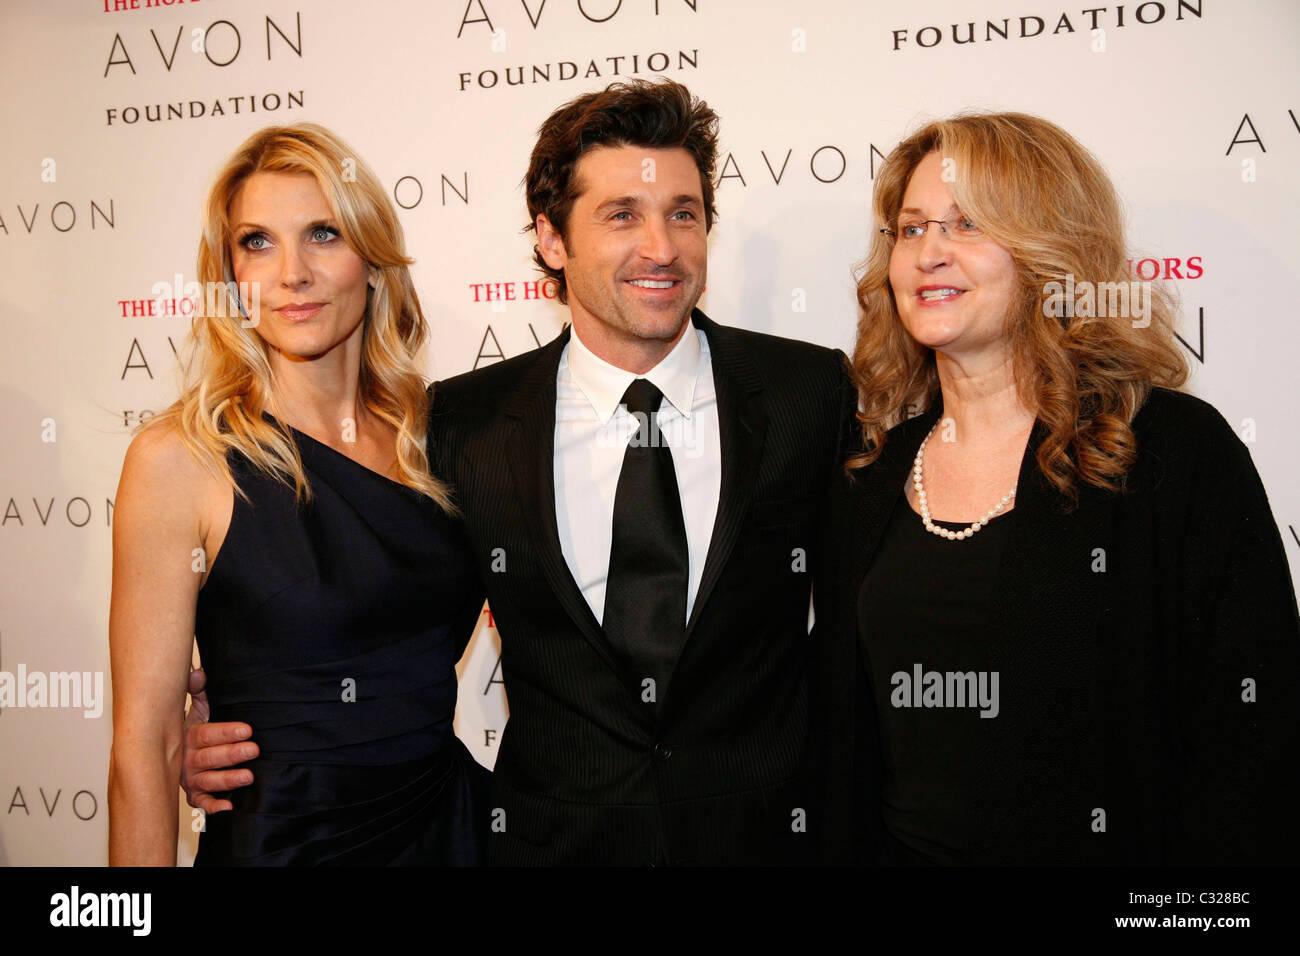 Jillian Dempsey Patrick Dempsey And Kerry Irish The Avon Foundation